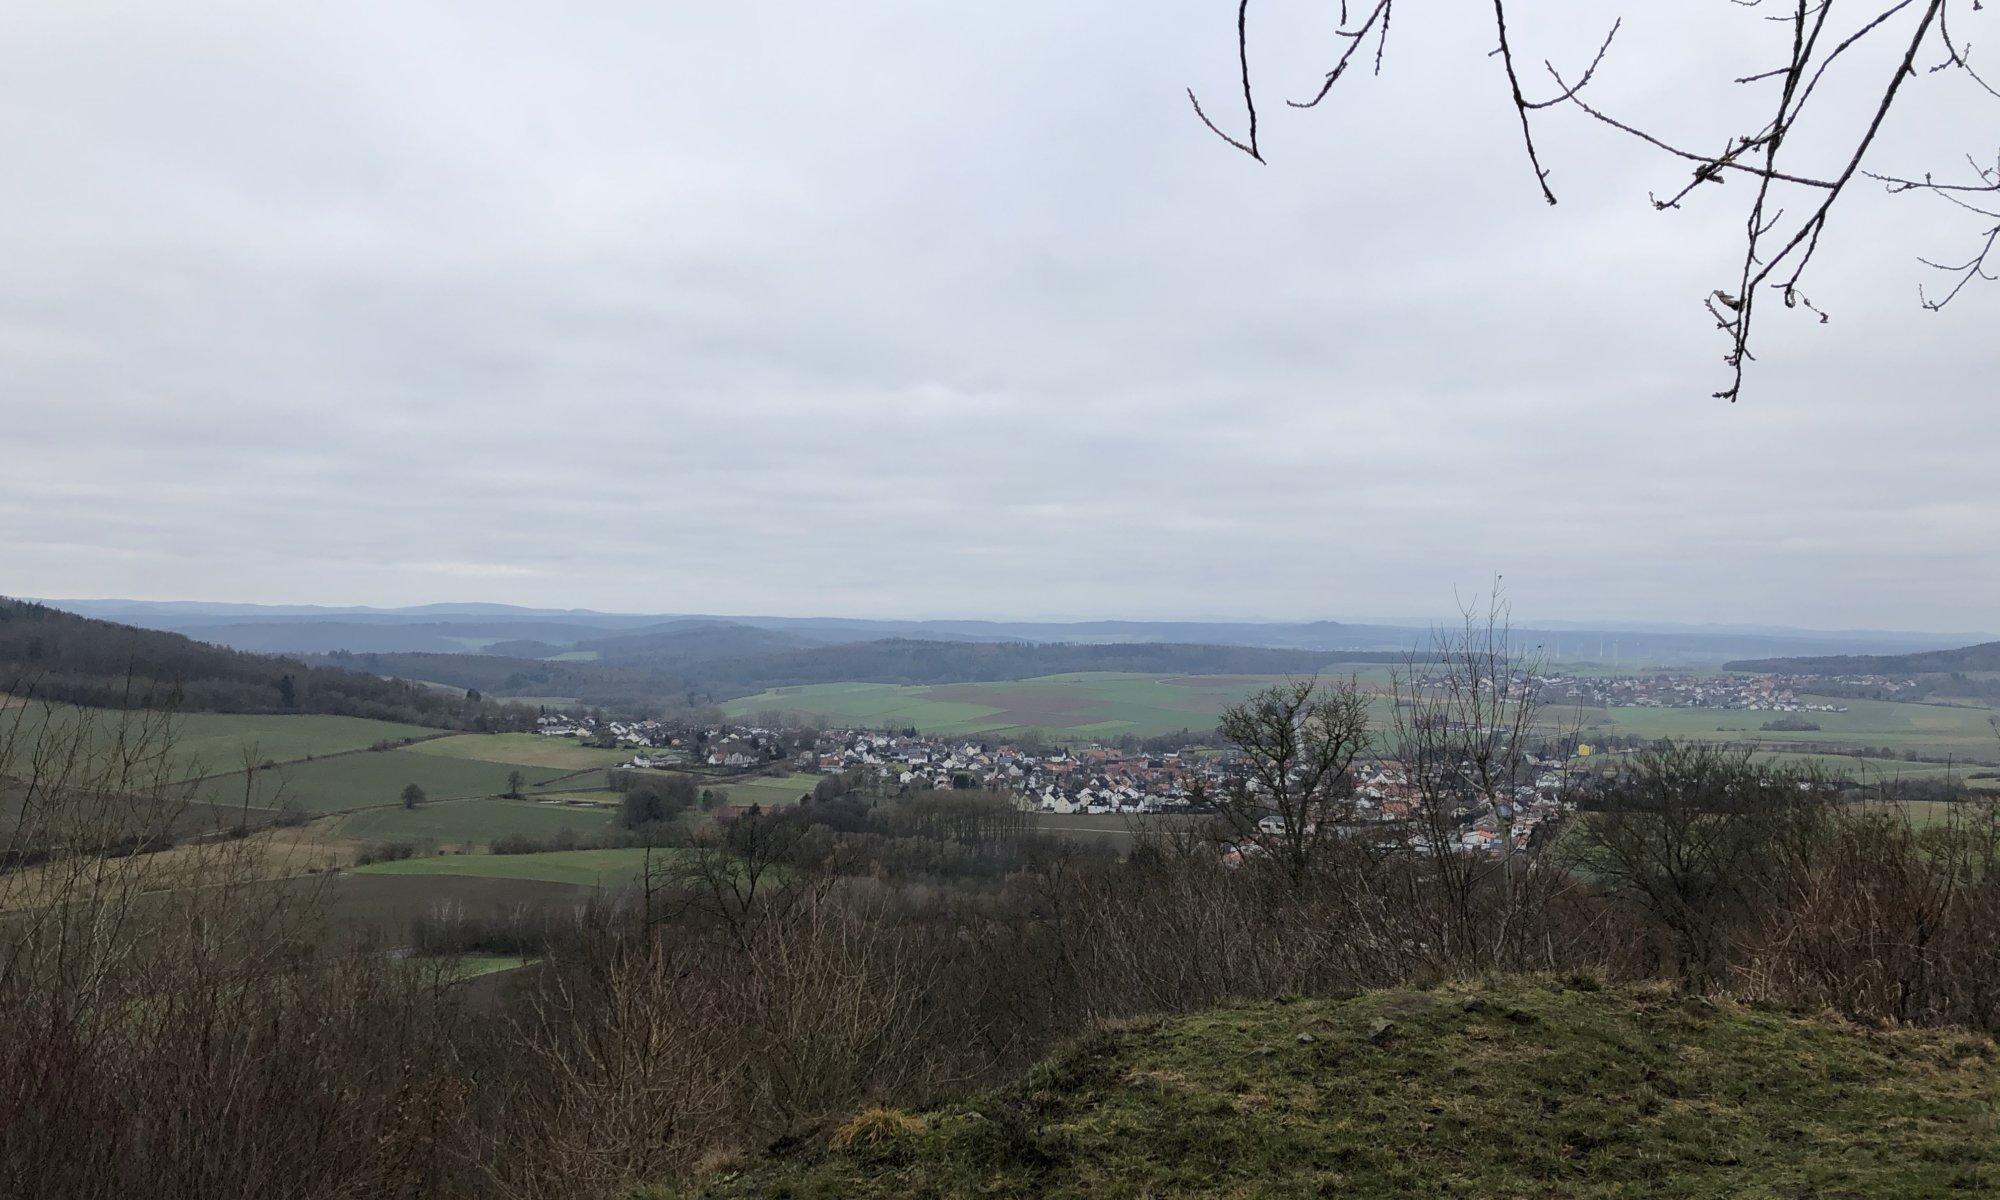 View from Burgberg, Schauenburg